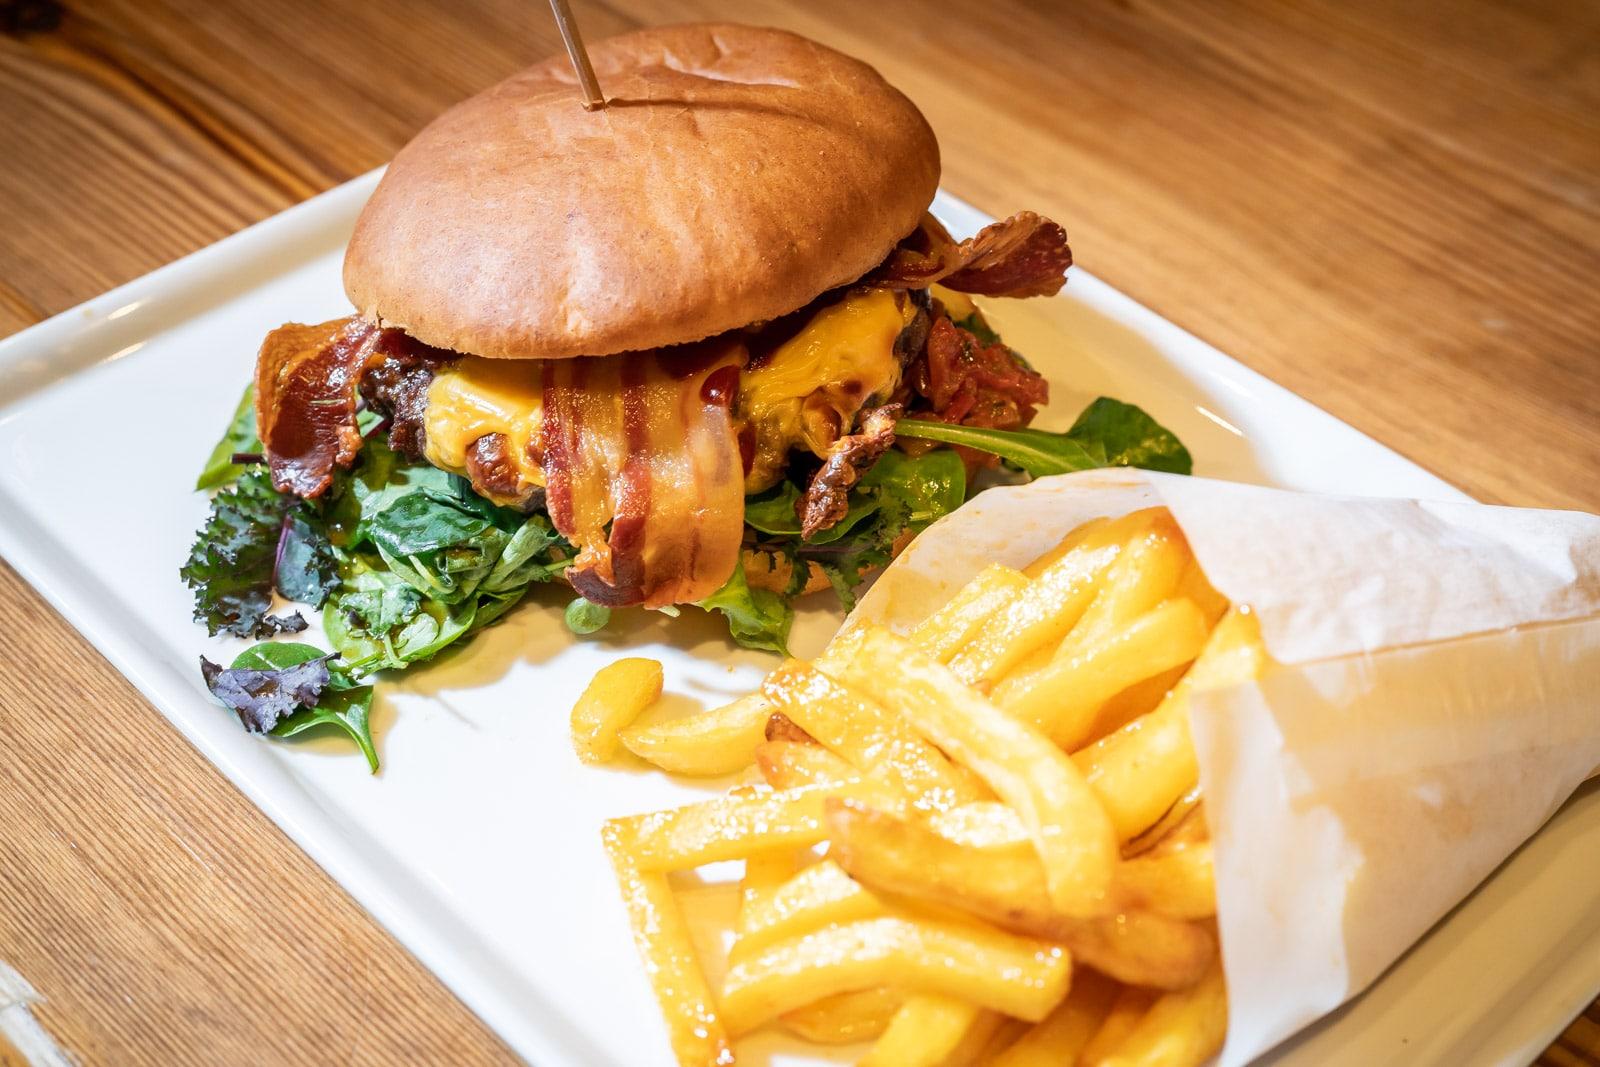 ANDERS-hotel-walsrode-burger.jpg